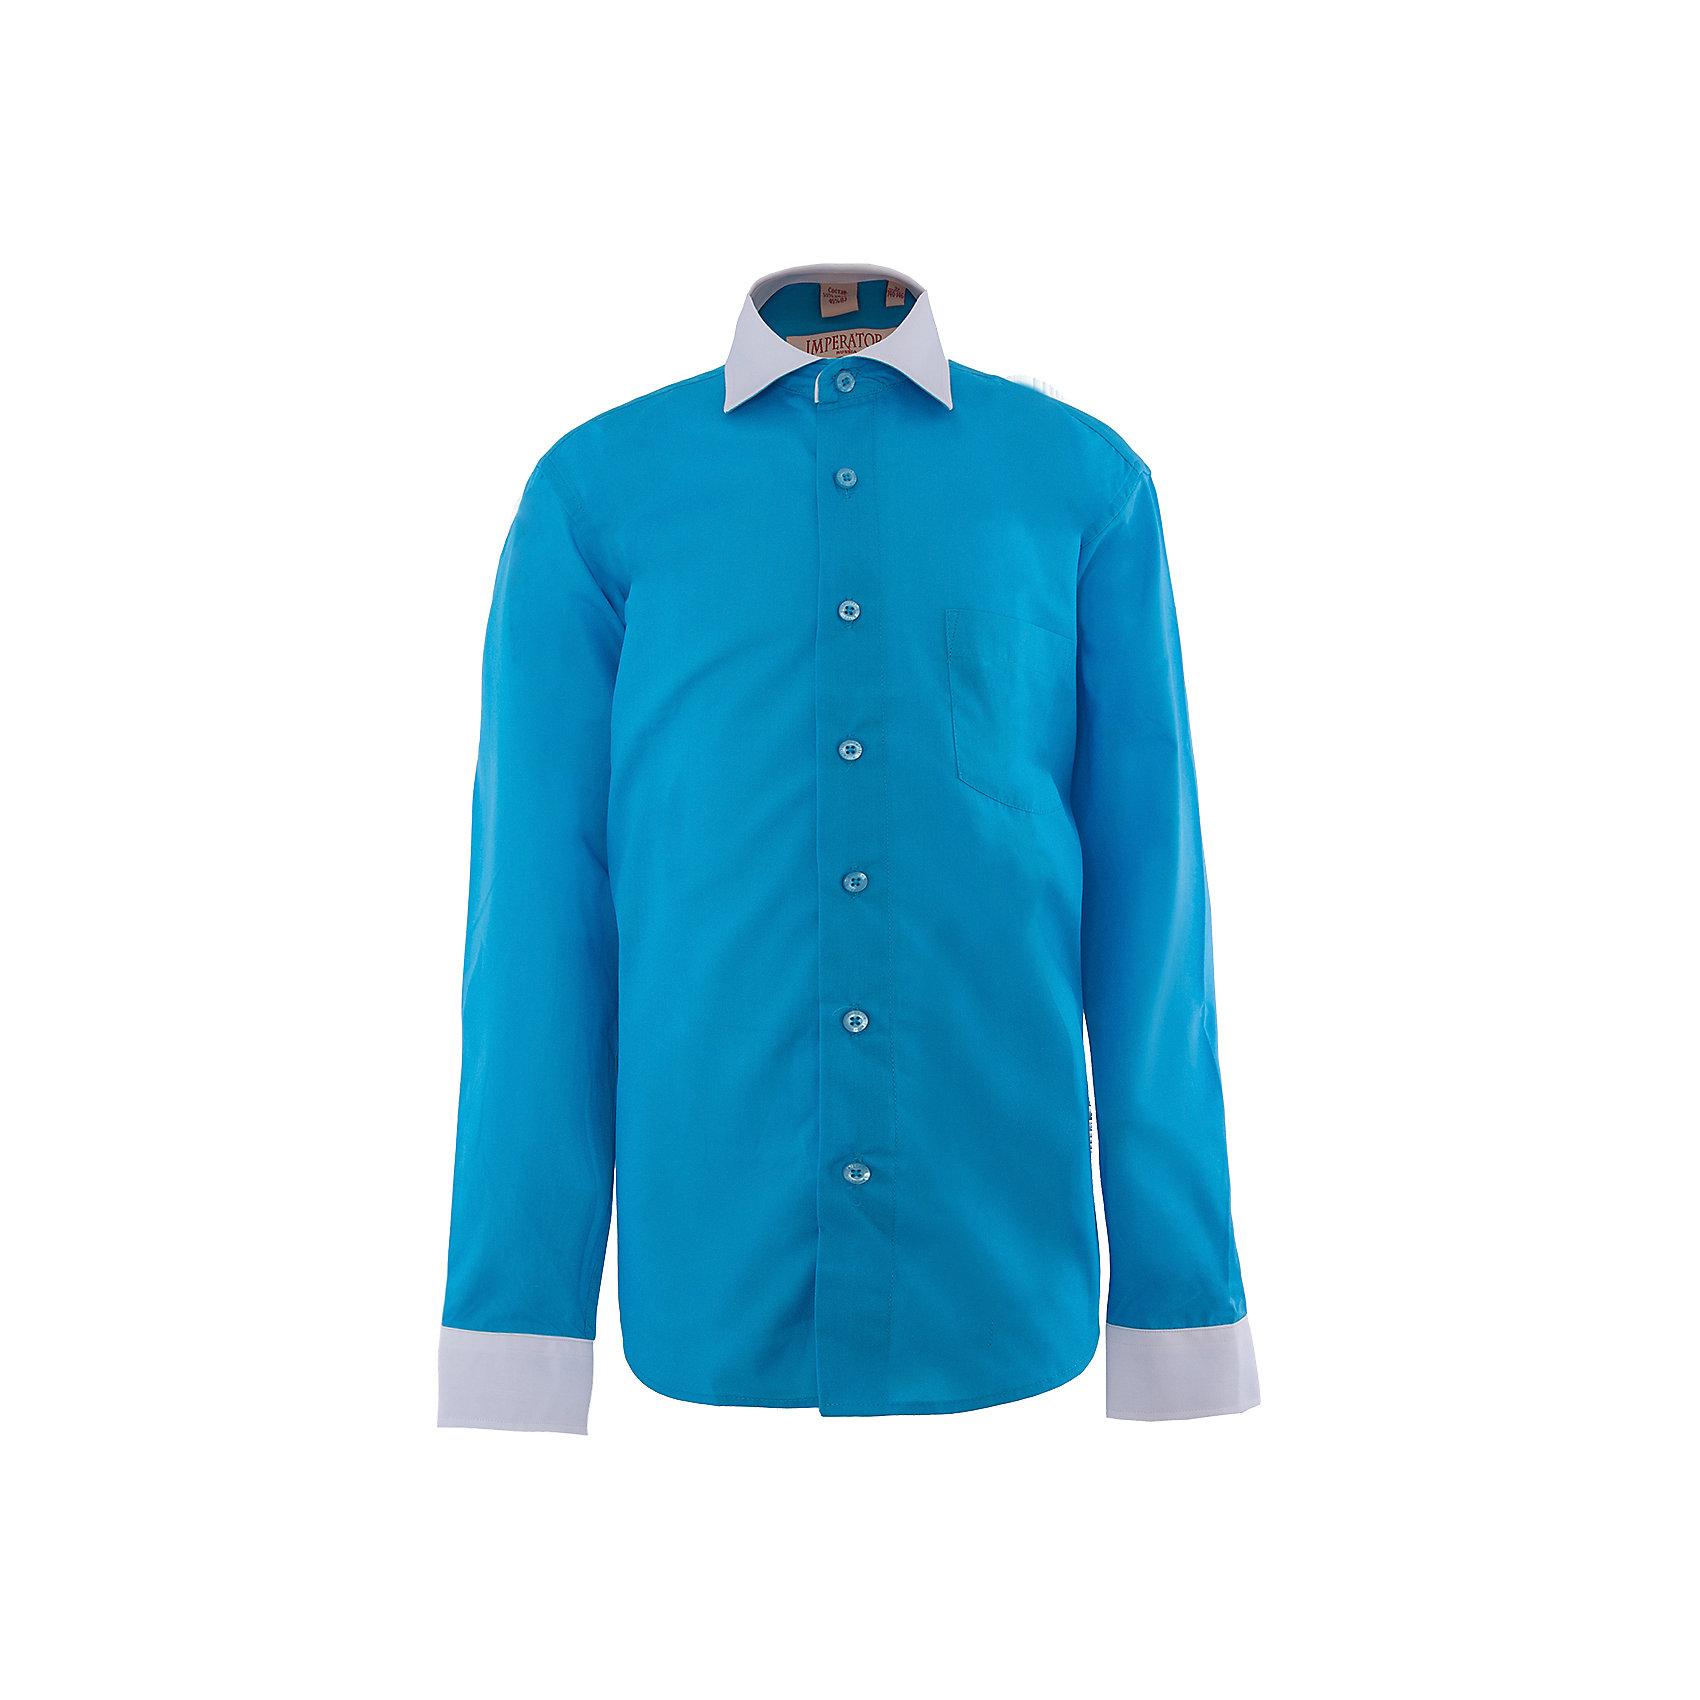 Рубашка для мальчика ImperatorРубашка для мальчика от российской марки Imperator <br><br>Нарядная яркая рубашка отлично подойдет и для школьных будней и для праздничных мероприятий. Модель хорошо сидит, не стесняет движения. Материал - гипоаллергенный, дышащий и приятный на ощупь.<br><br>Особенности модели:<br><br>- материал - тонкий, с содержанием хлопка;<br>- цвет - голубой;<br>- карман на груди;<br>- застежки-пуговицы;<br>- белый отложной воротник и манжеты;<br>- пуговицы на манжетах.<br><br>Дополнительная информация:<br><br>Состав: 55% хлопок, 45% полиэстер<br><br>Габариты:<br><br>длина рукава - 57 см;<br>длина по спинке - 70 см.<br><br>* соответствует размеру 35/158-164<br><br>Уход за изделием:<br><br>стирка в машине при температуре до 40°С,<br>не отбеливать,<br>гладить на средней температуре.<br><br>Рубашку для мальчика от российской марки Imperator (Император) можно купить в нашем магазине.<br><br>Ширина мм: 174<br>Глубина мм: 10<br>Высота мм: 169<br>Вес г: 157<br>Цвет: белый/голубой<br>Возраст от месяцев: 156<br>Возраст до месяцев: 168<br>Пол: Мужской<br>Возраст: Детский<br>Размер: 158/164,122/128,128/134,164/170,134/140,140/146,146/152,152/158<br>SKU: 4295772